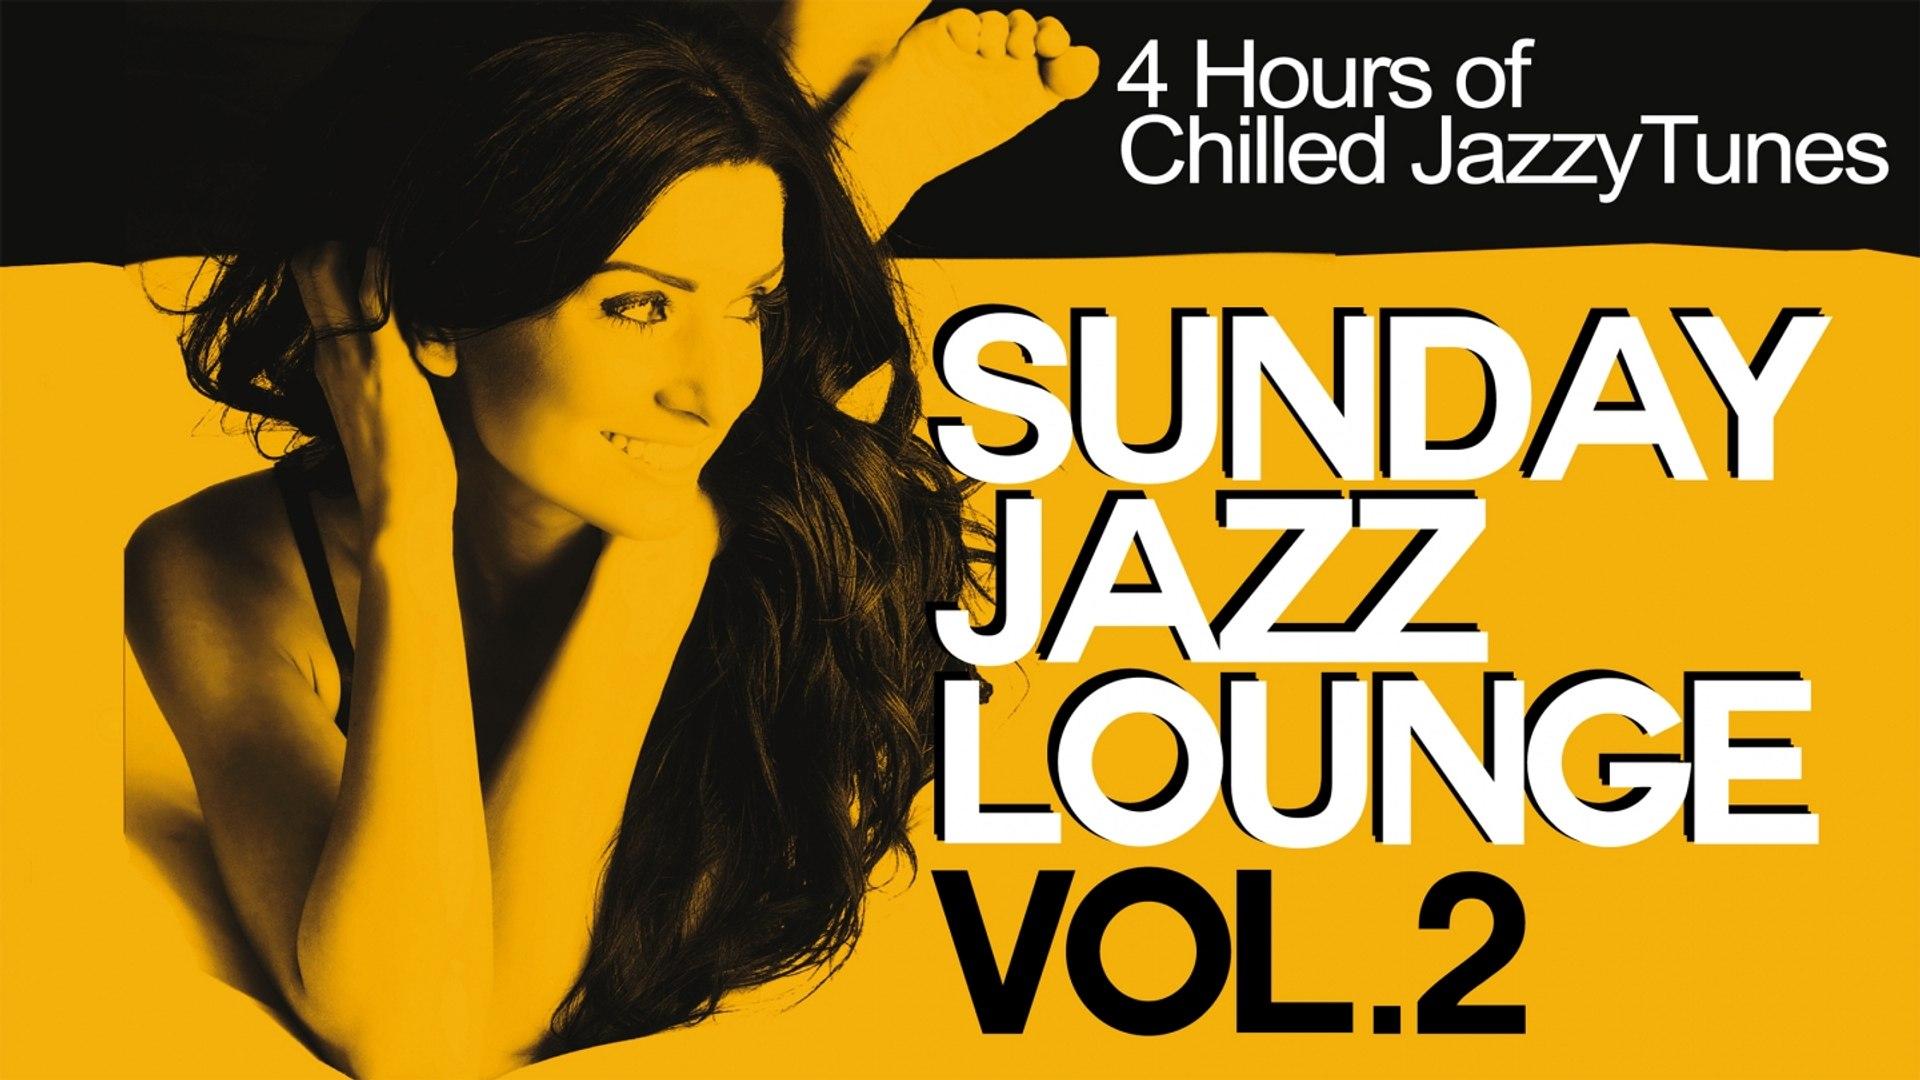 4 Hours - Sunday Jazz Lounge volume two